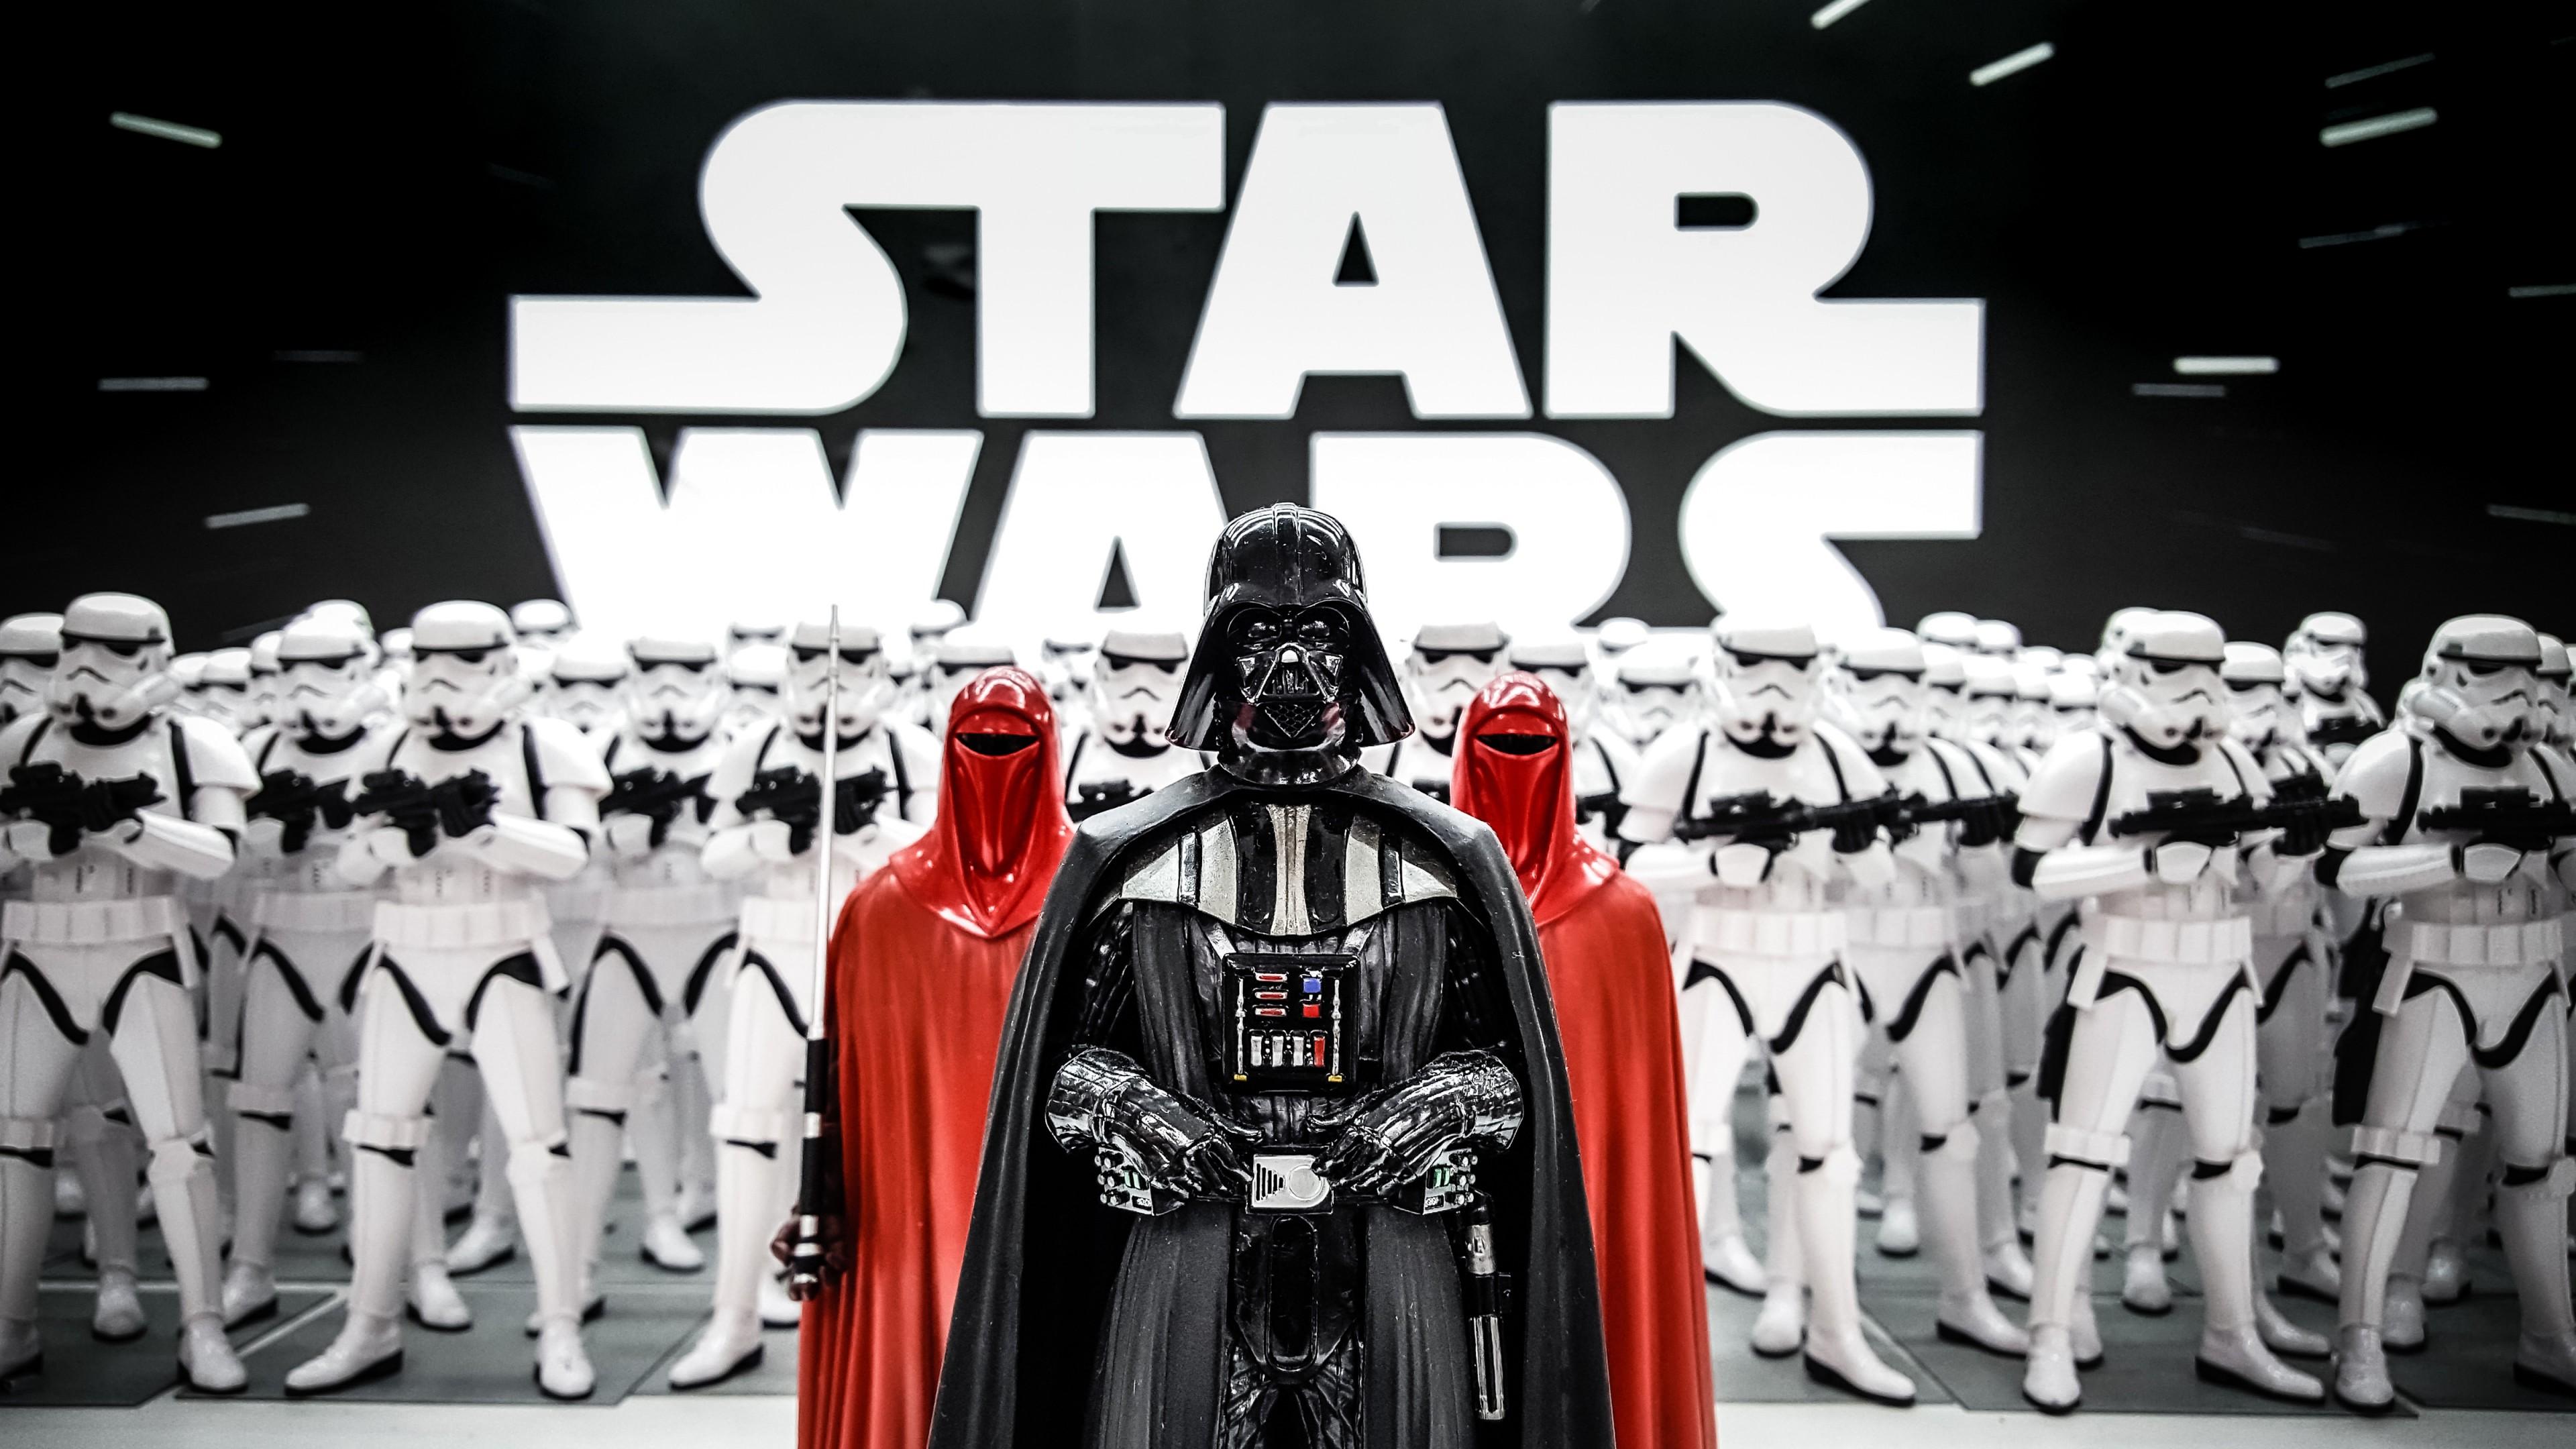 Wallpaper Darth Vader Figurine Star Wars Clone Trooper 5K Art 3840x2160